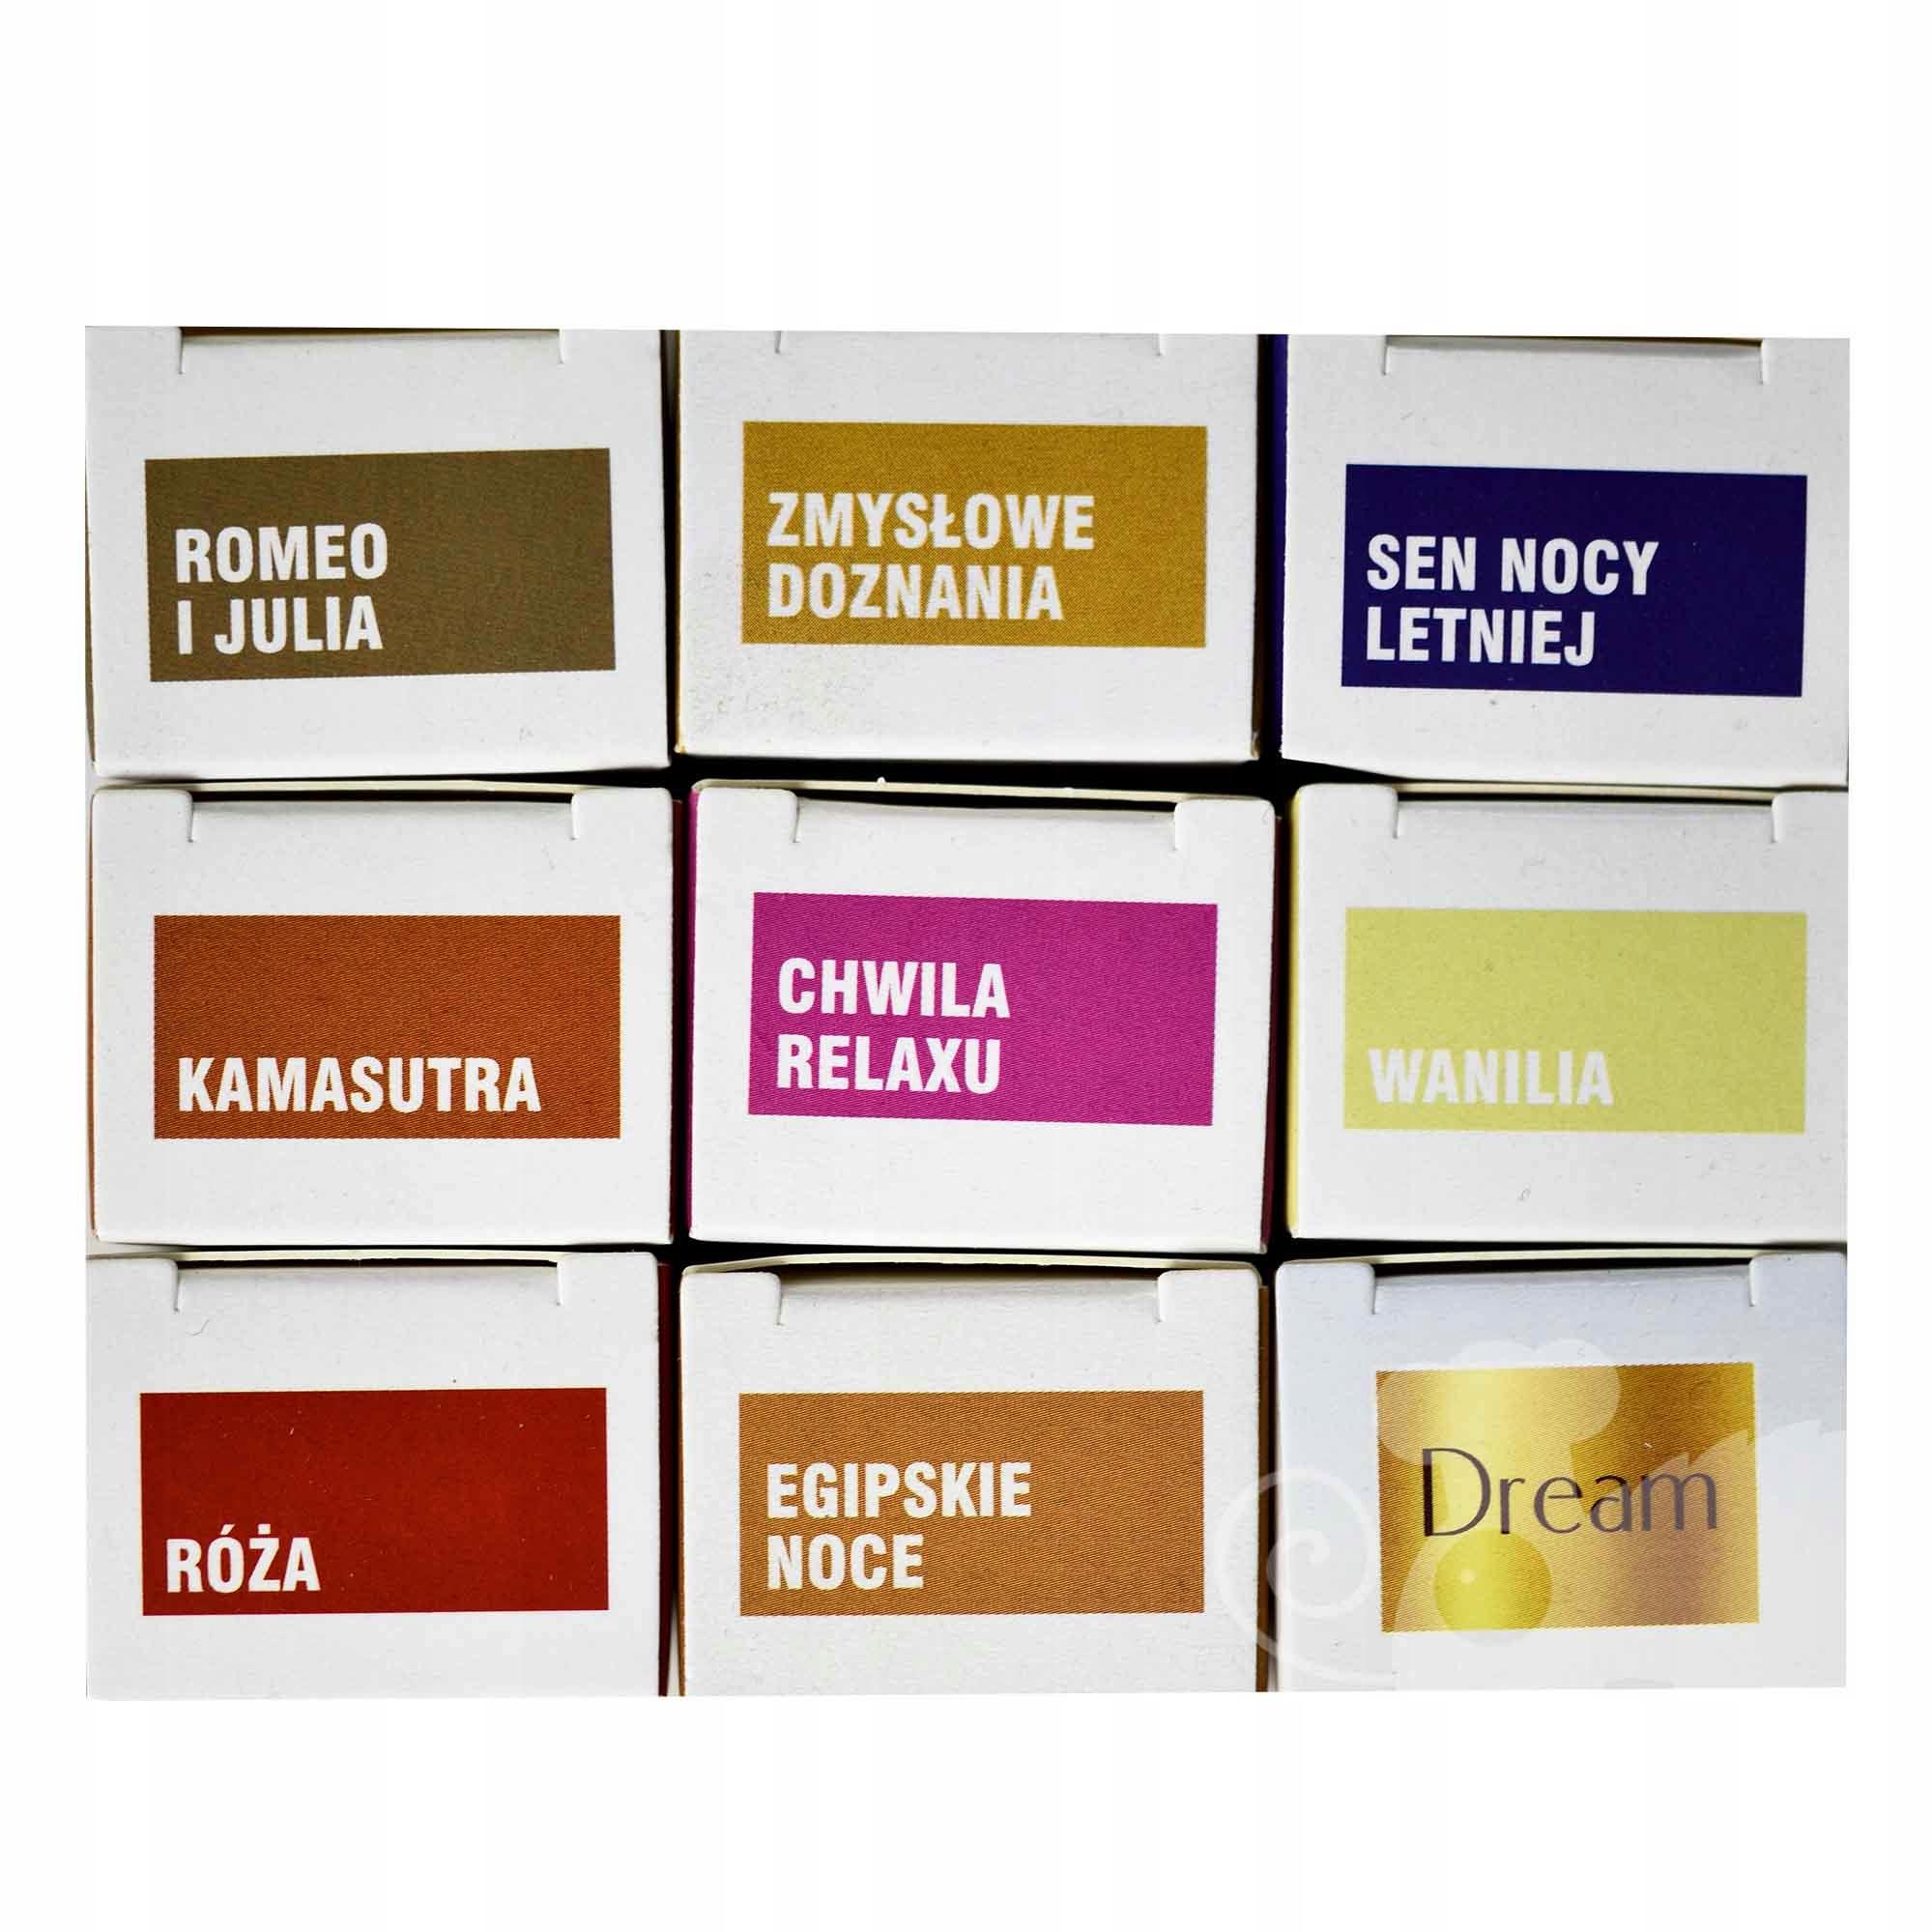 ZESTAW OLEJKÓW ZAPACHOWYCH 9szt romantyczne Kod producenta aromaterapia olejek zapachowy ZESTAW